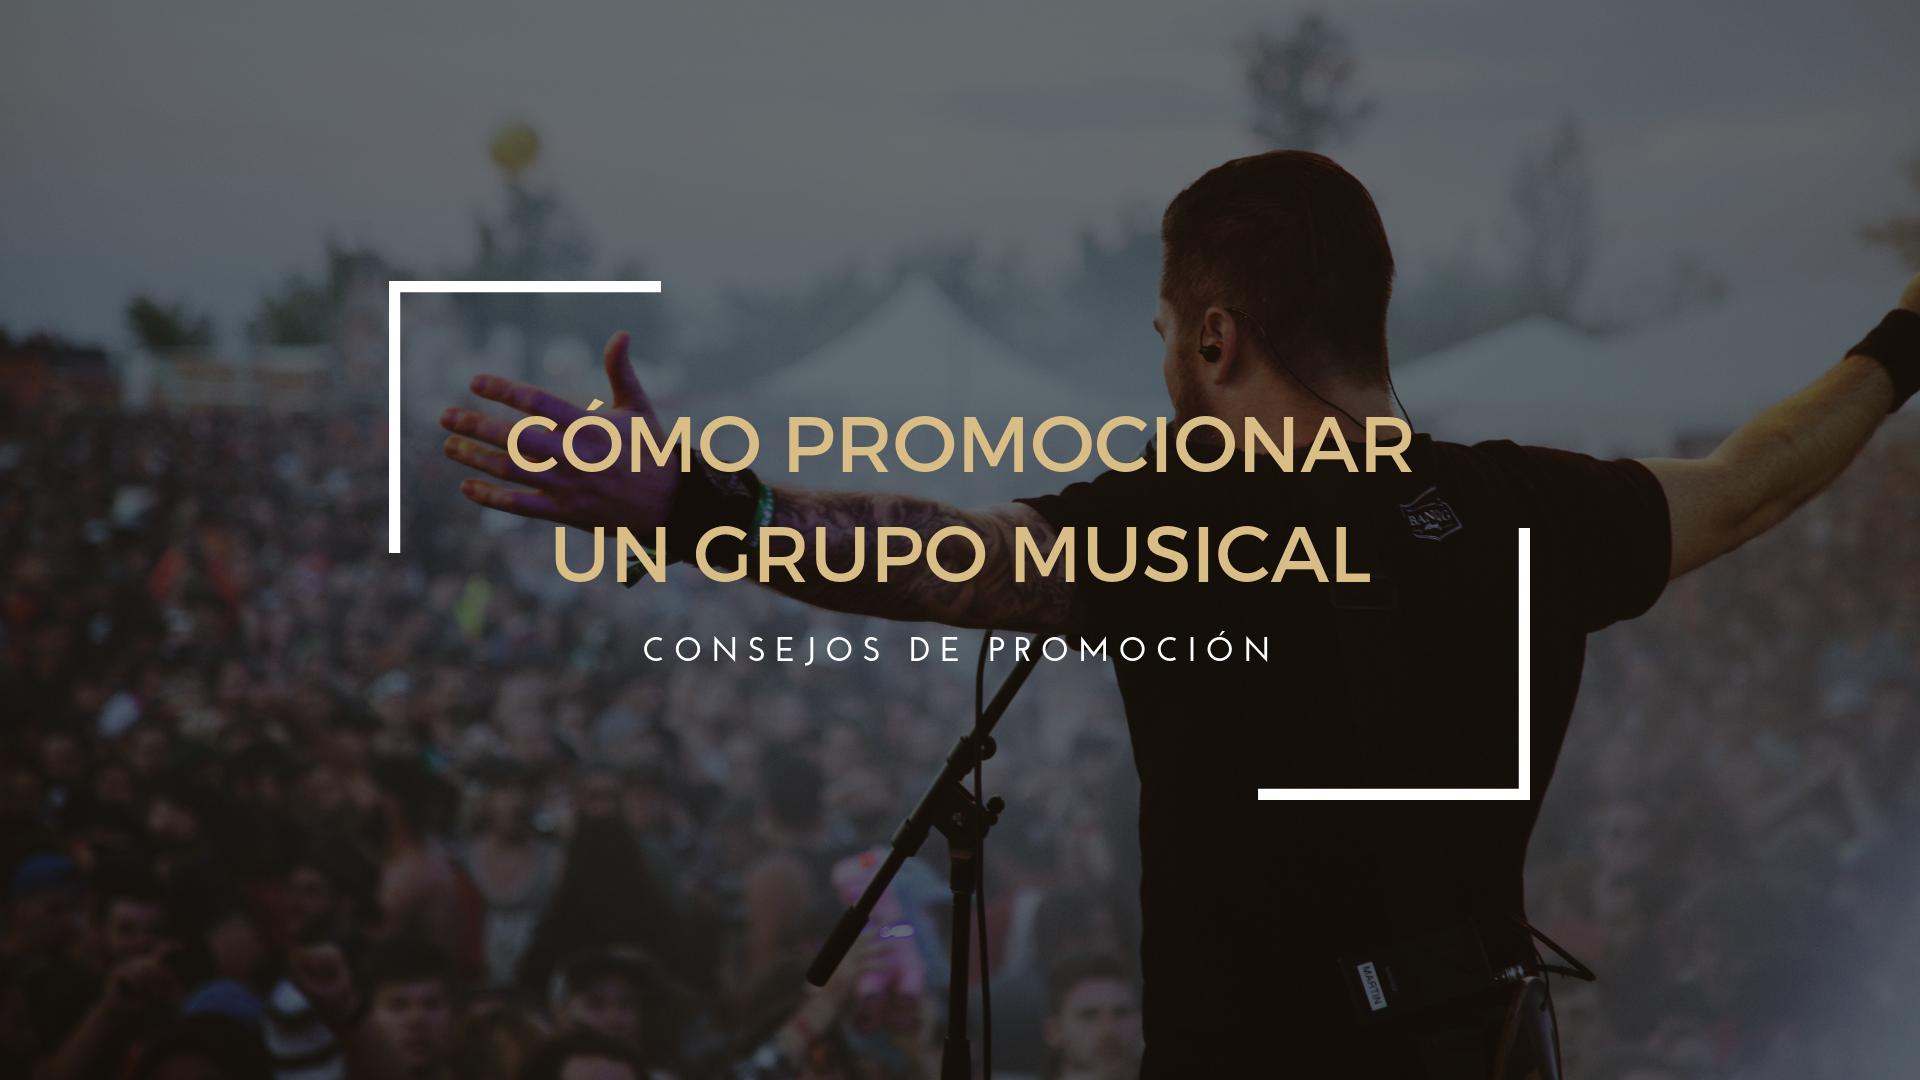 Cómo promocionar un grupo musical